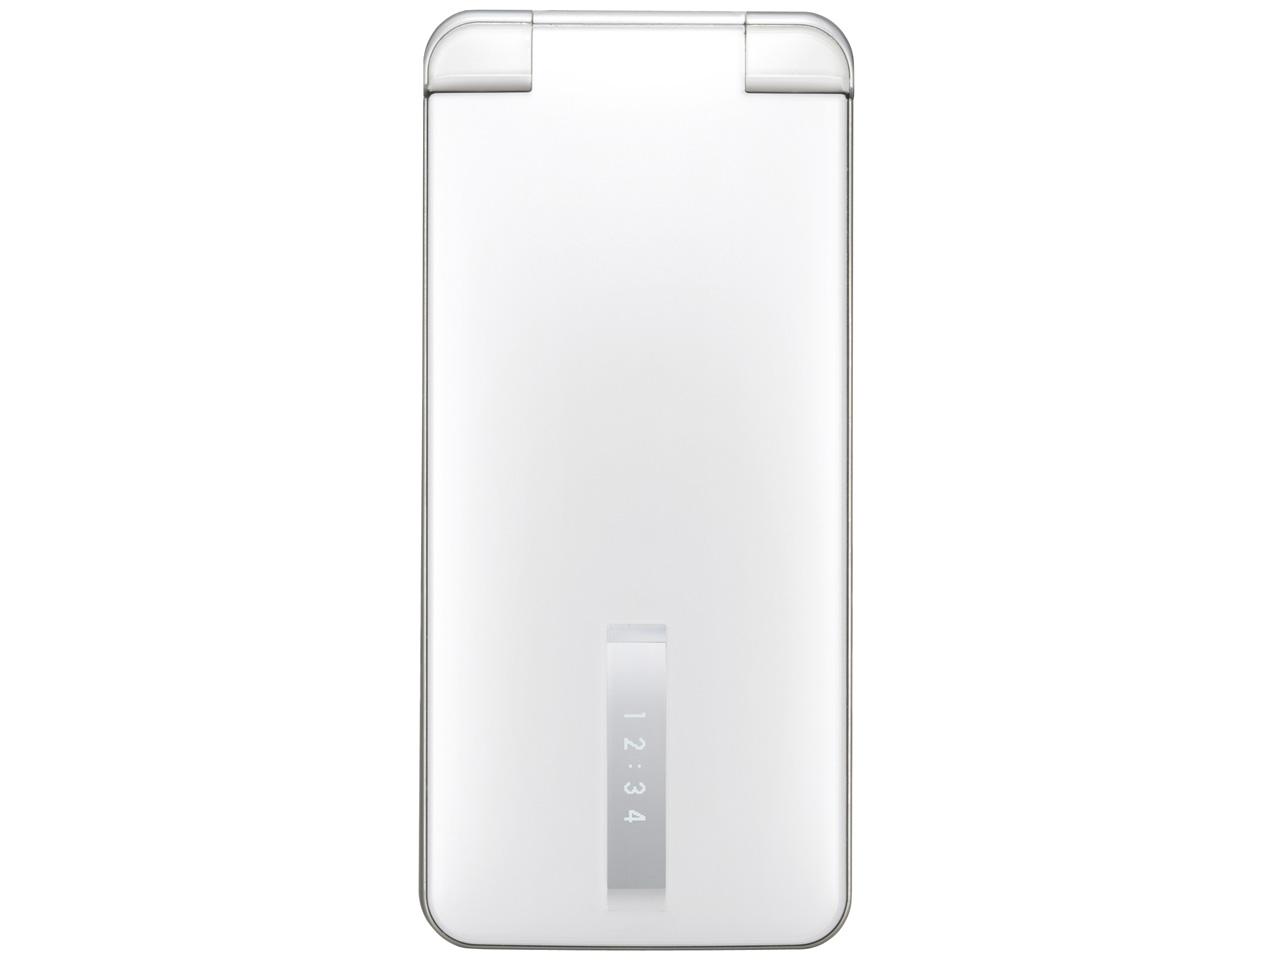 『本体 閉じ 正面』 THE PREMIUM7 WATERPROOF SoftBank 004SH [ホワイト] の製品画像